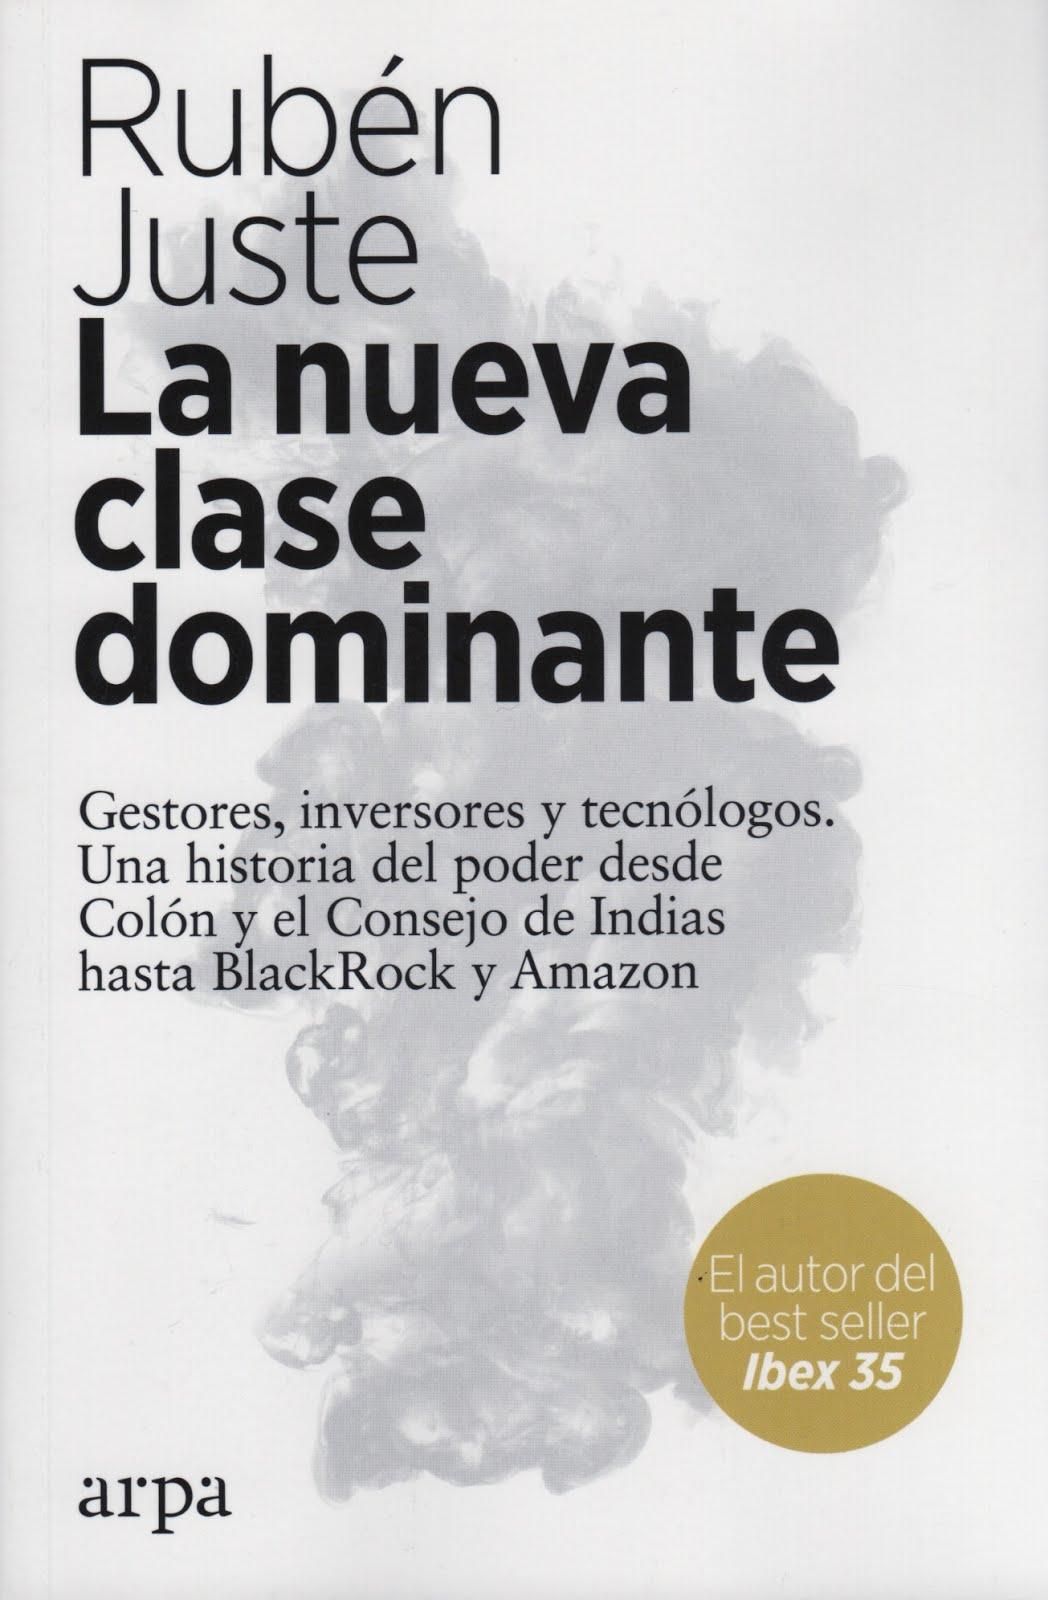 Rubén Juste (La nueva clase dominanteI) Gestores, inversores y tecnológicos. Una historia del poder